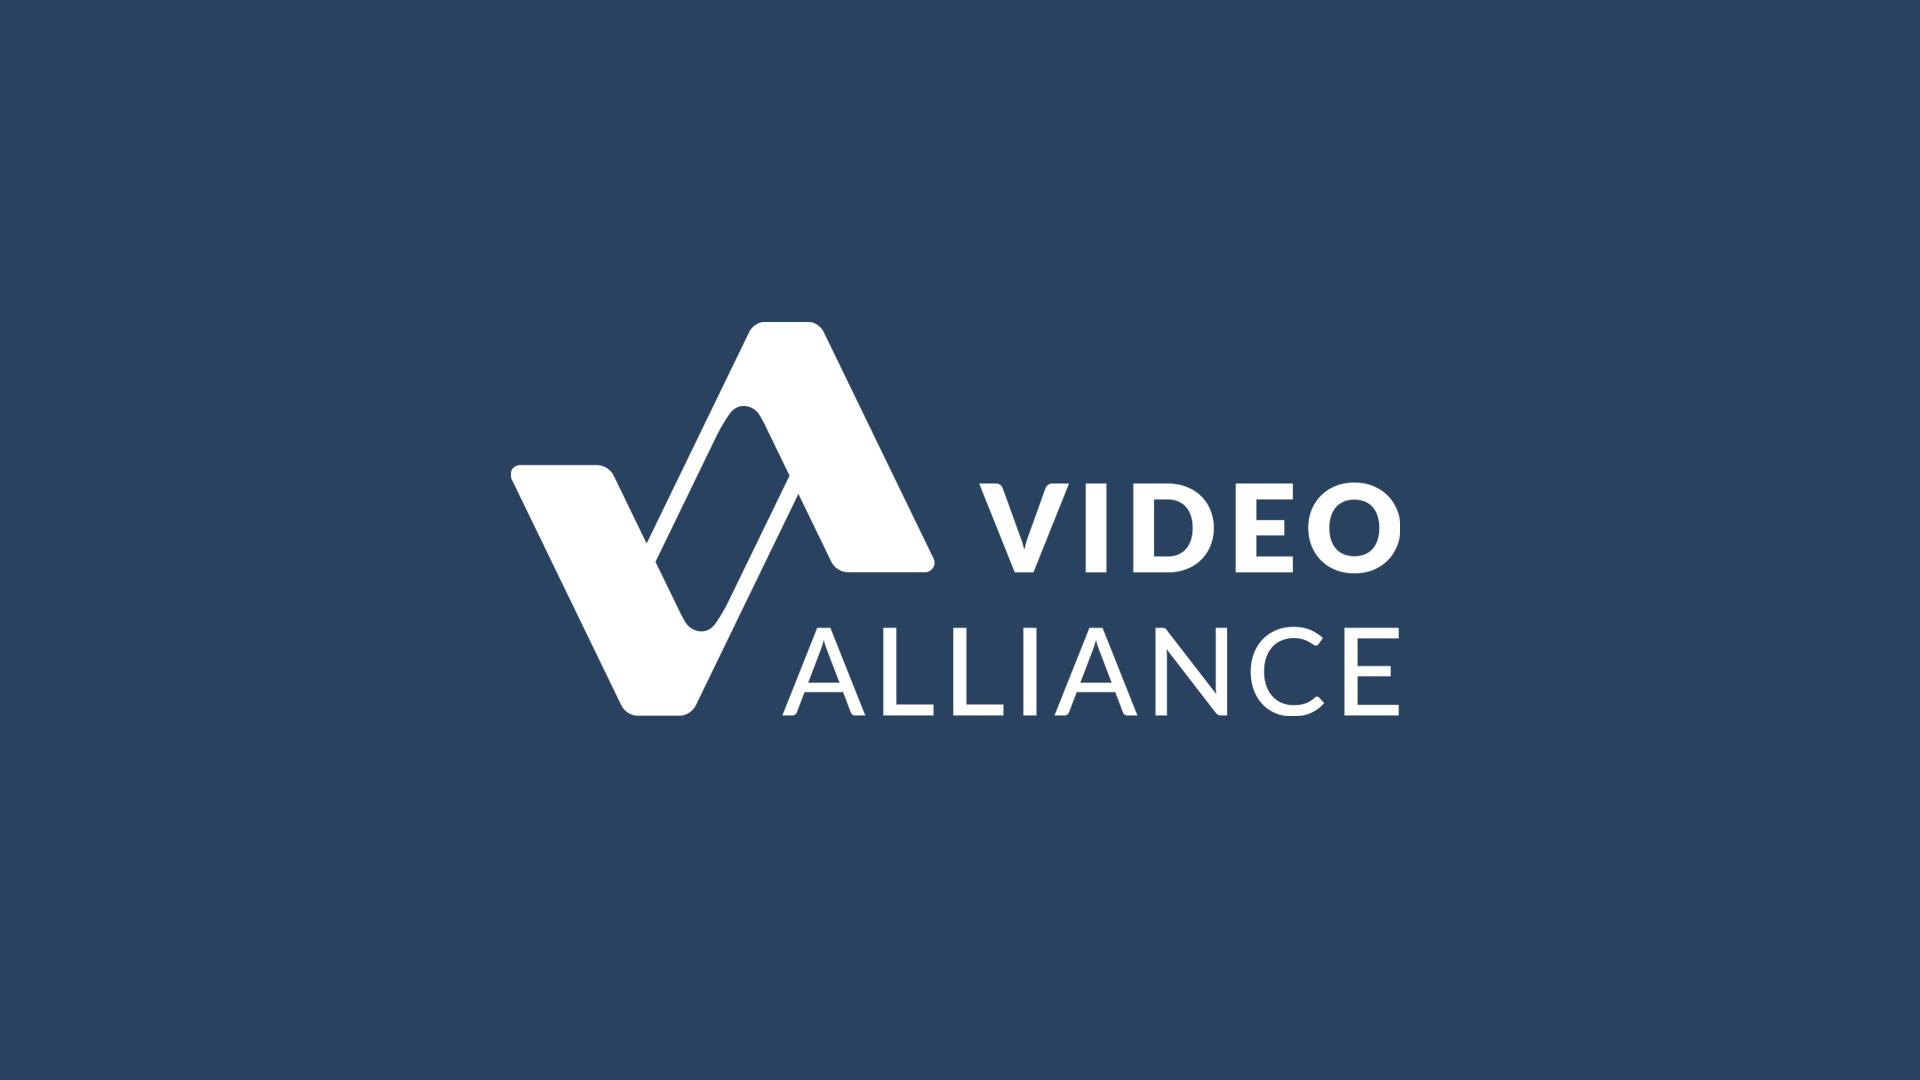 Video Alliance Full Logo Design